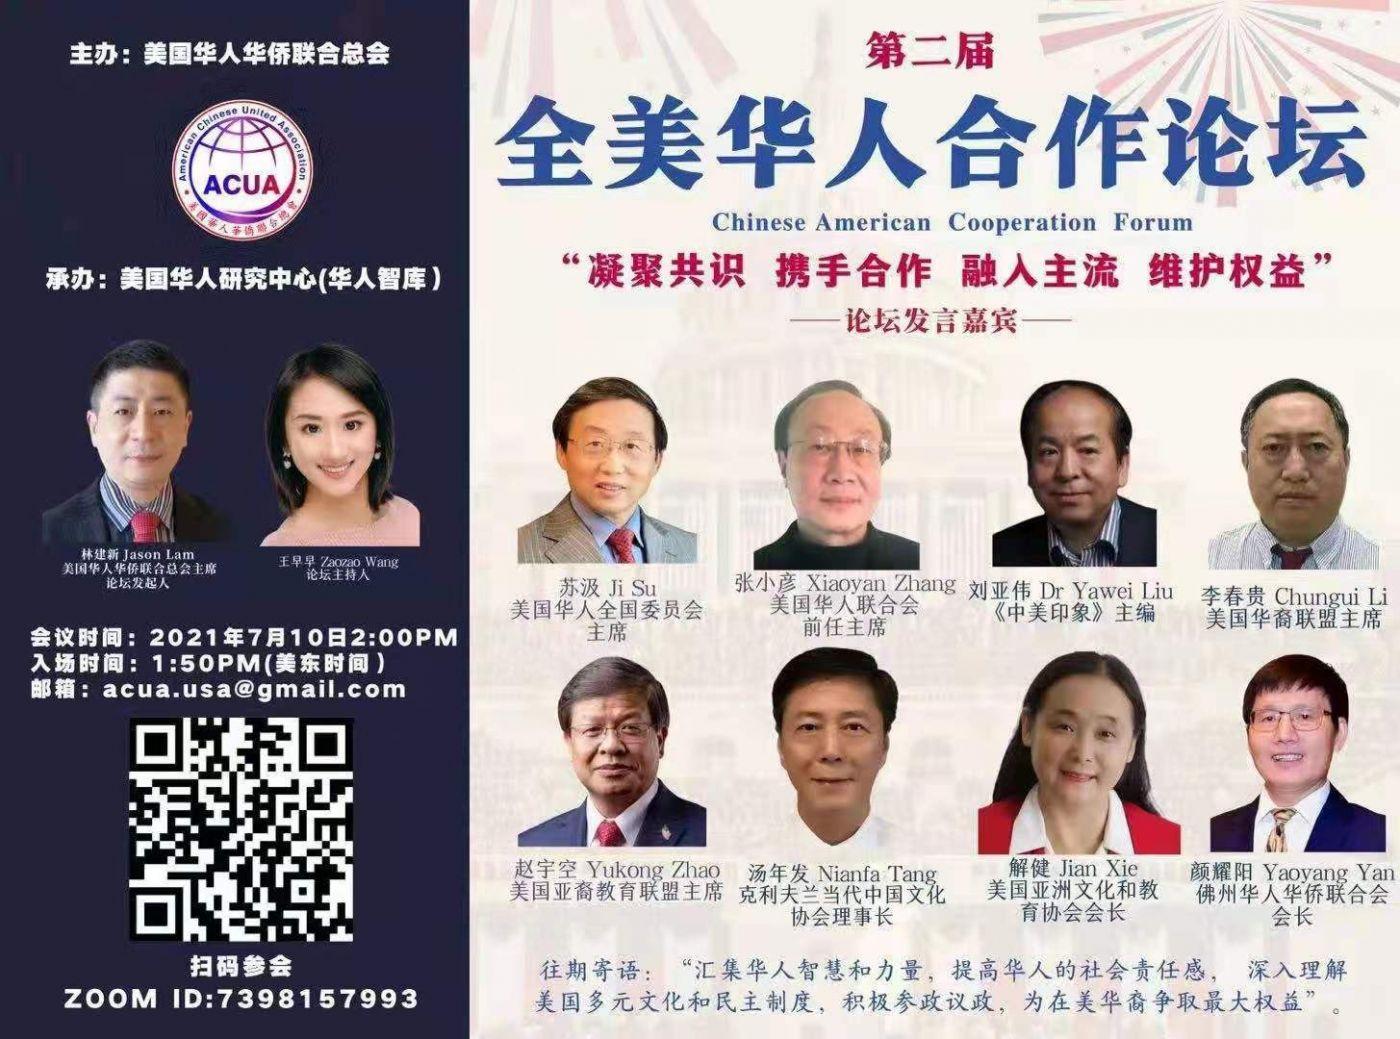 美国V视:第二届全美华人合作论坛线上成功举办_图1-1